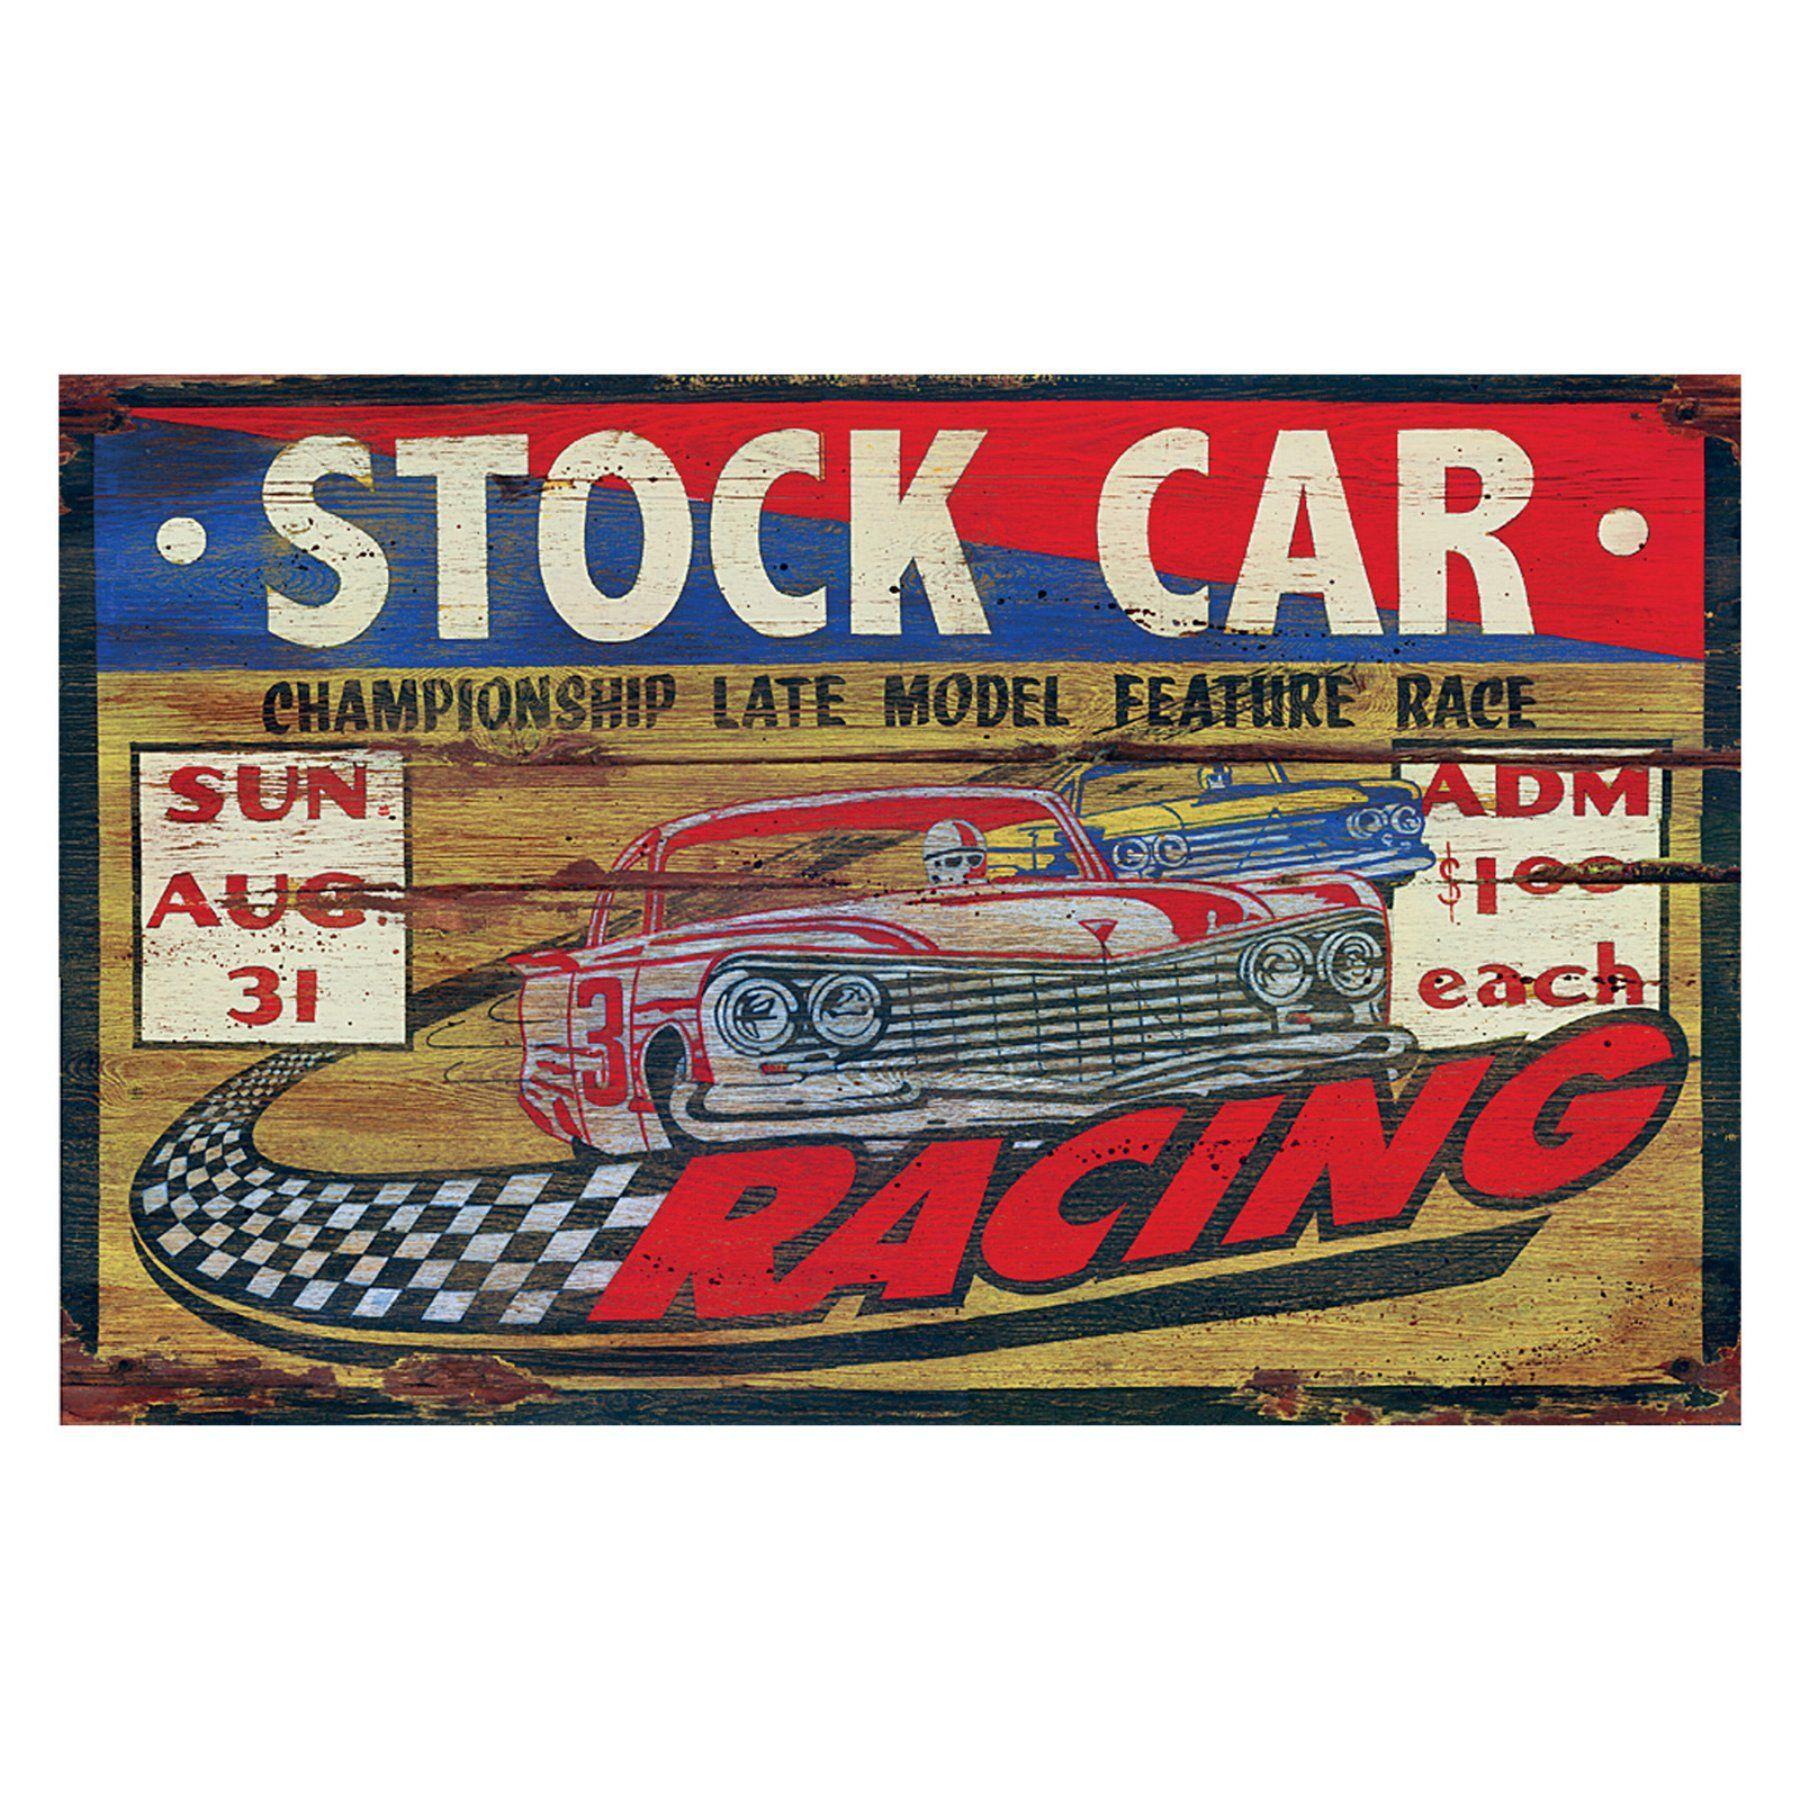 Stock Car Racing Wall Art - PP-1034